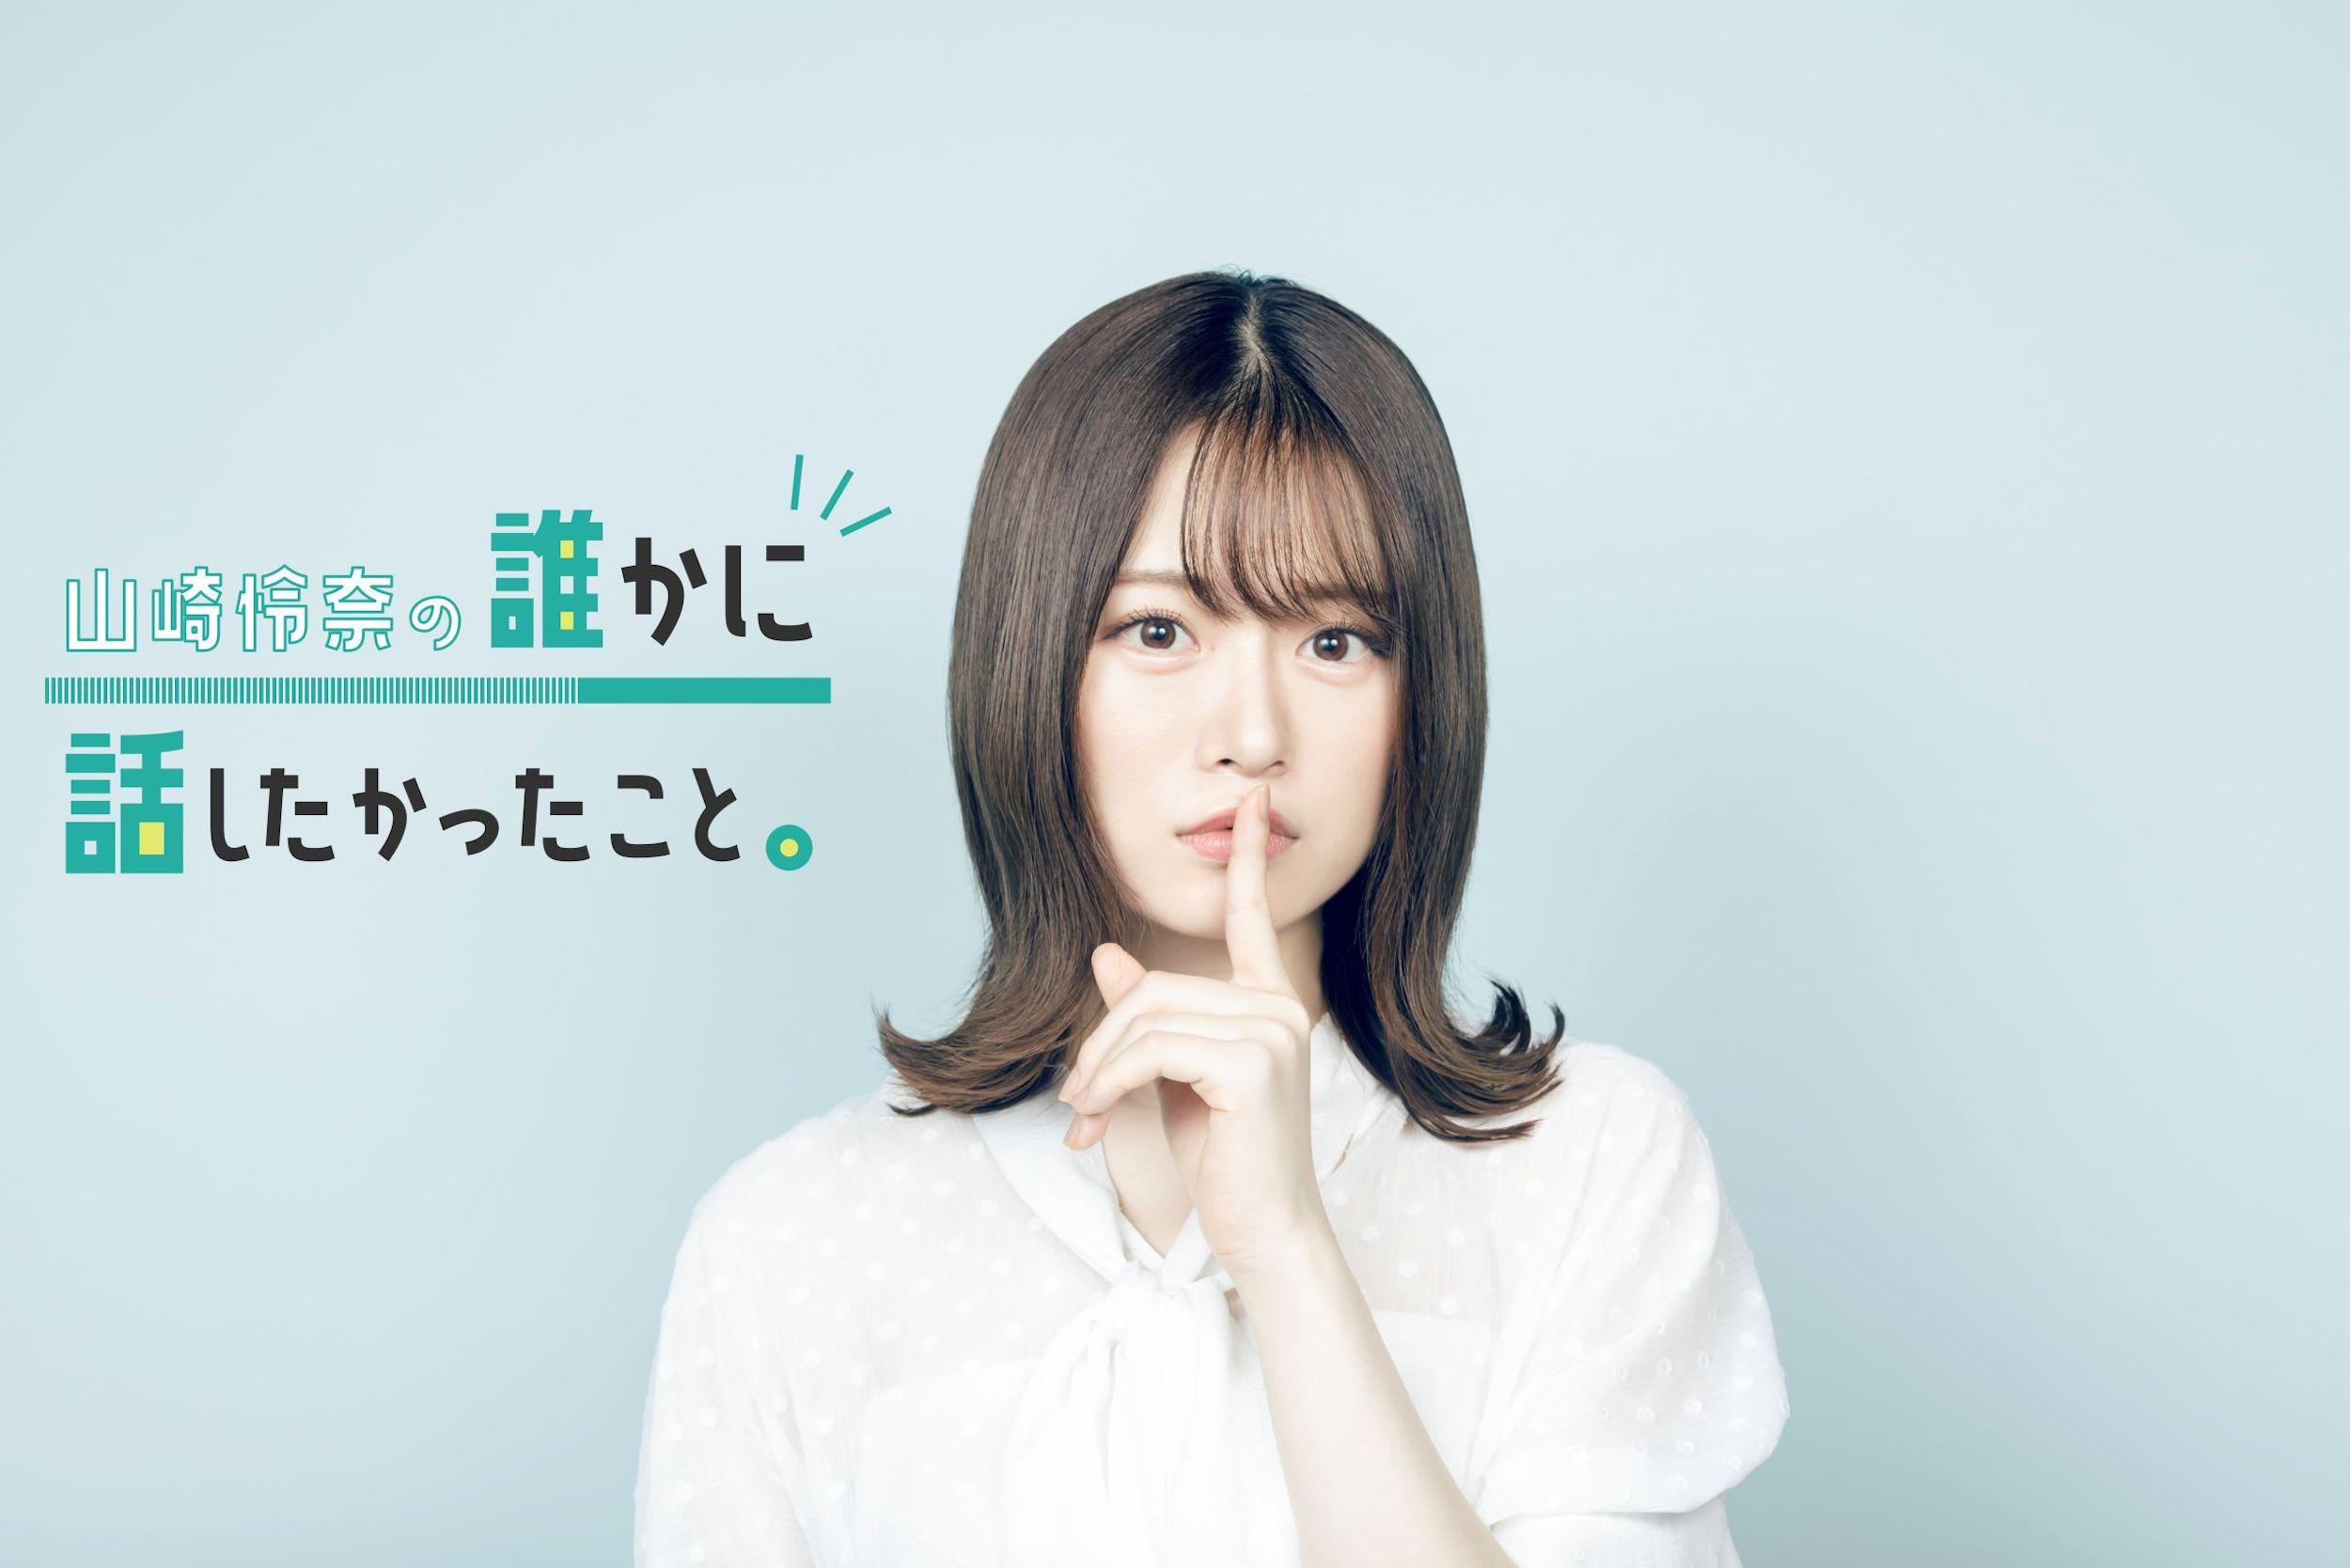 山崎怜奈(乃木坂46)、TOKYO FM・午後の生ワイド番組パーソナリティに!新番組『山崎怜奈の誰かに話したかったこと。』